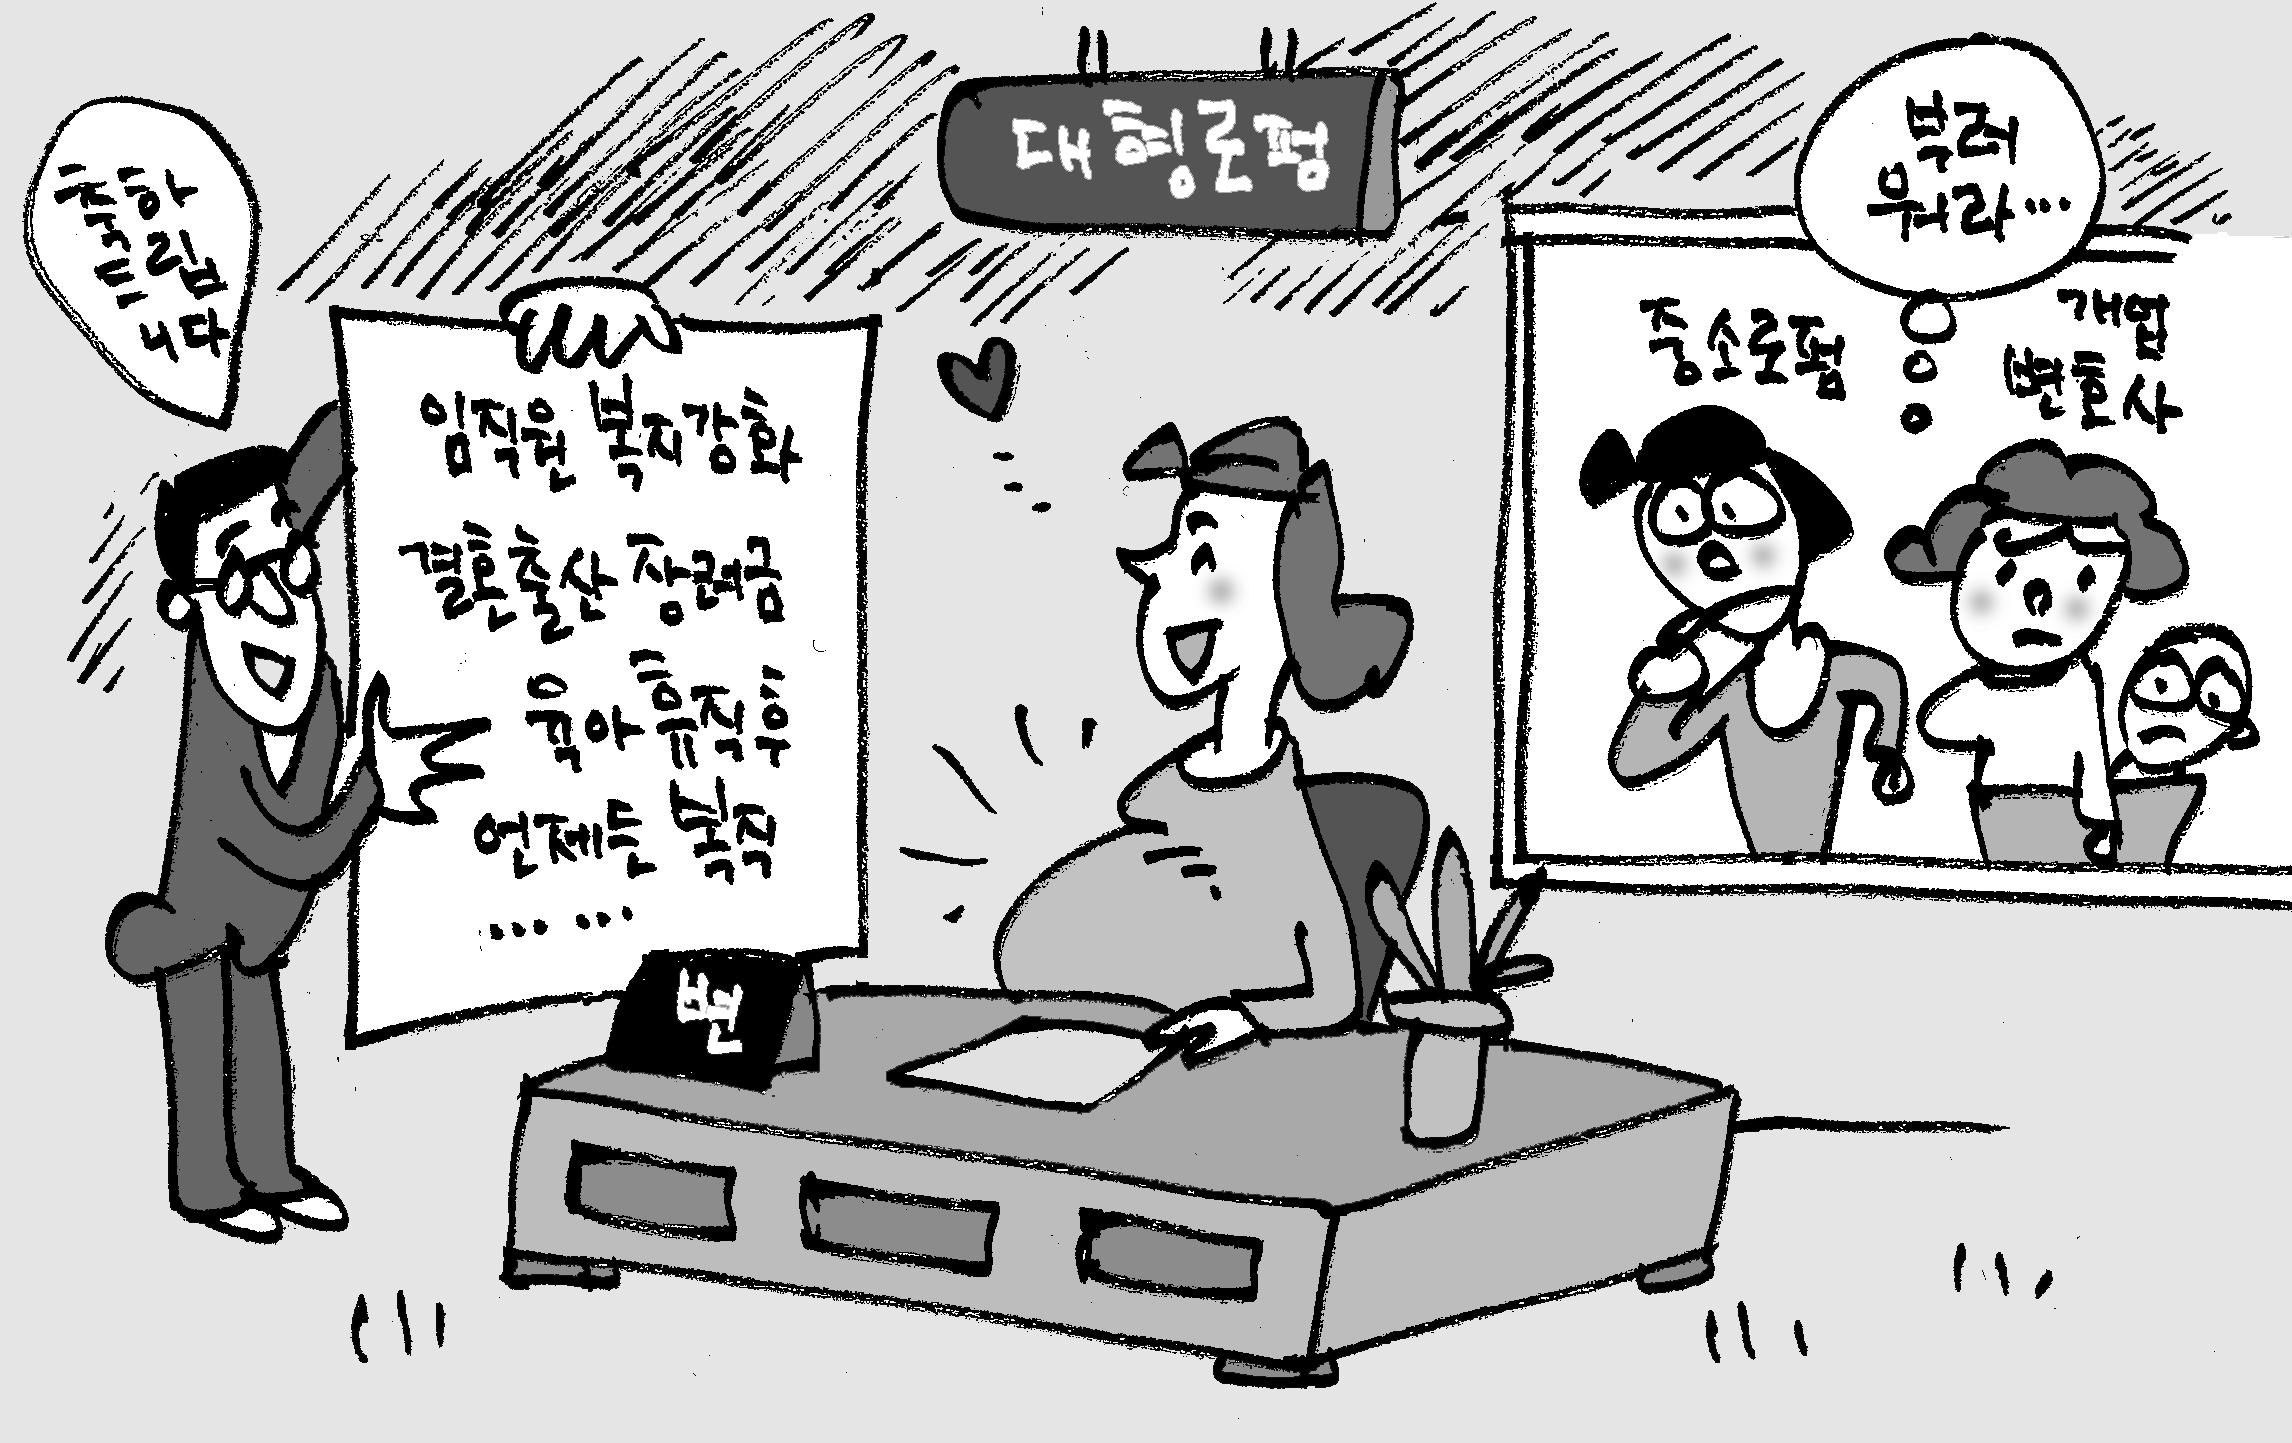 대형로펌, '출산율' 높이기 앞장